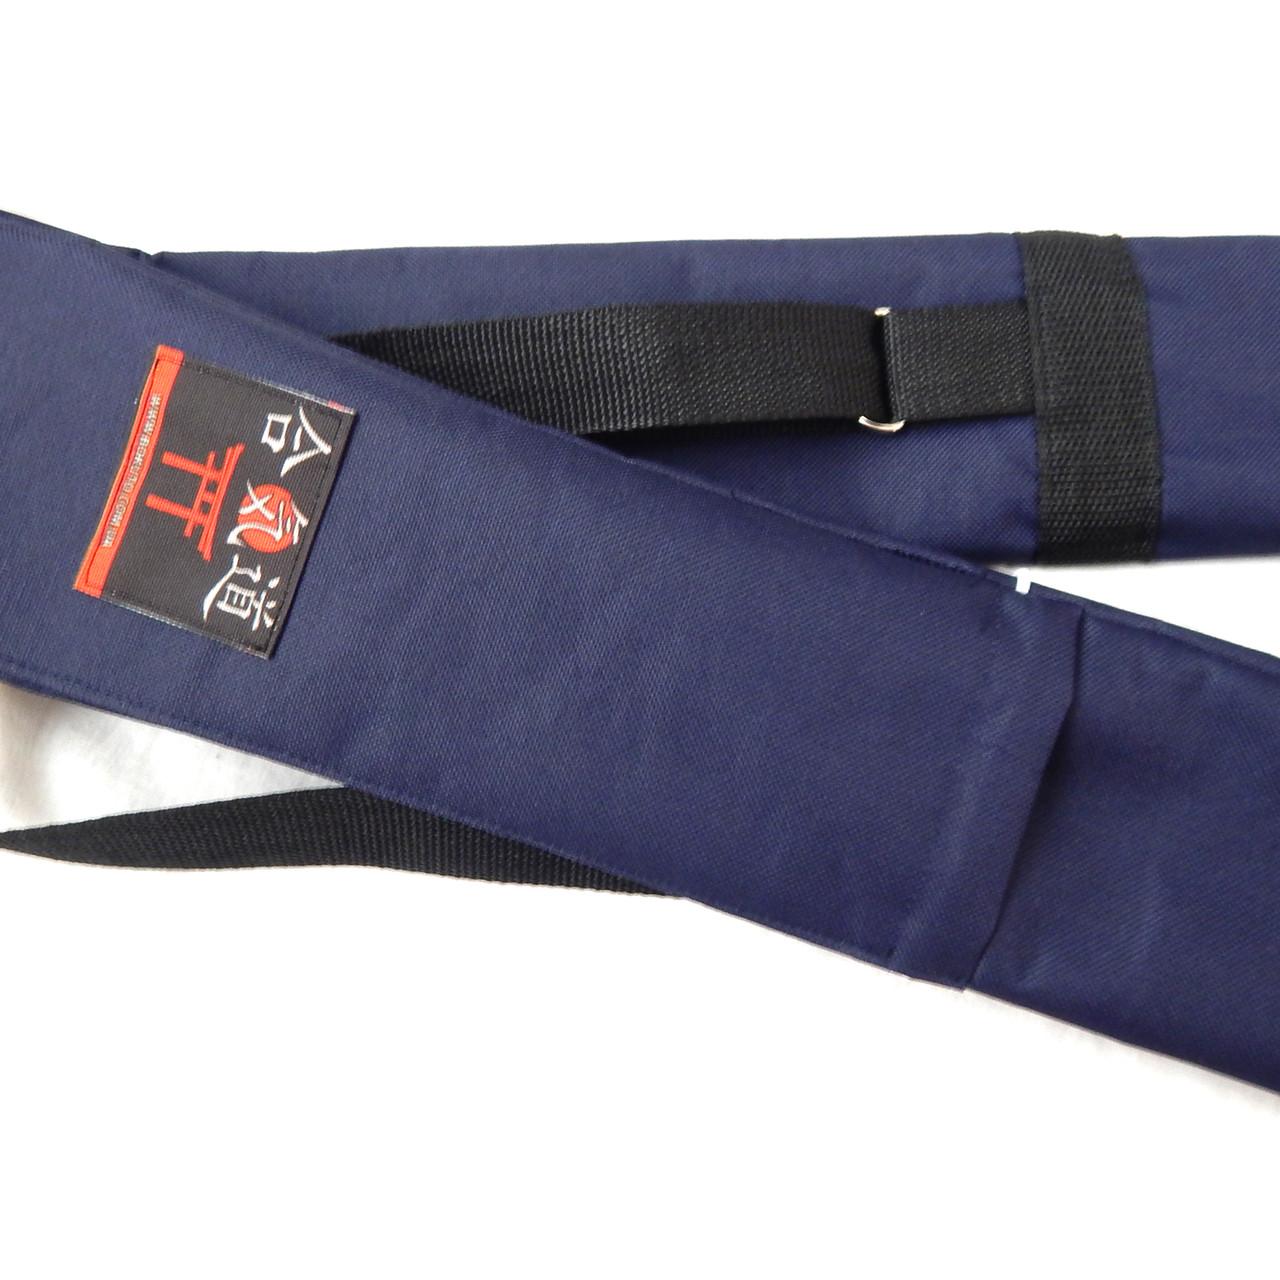 Чехол плотный для оружия с карманом темно-синий (145 см) - Интернет магазин Bokuto Sport в Киеве